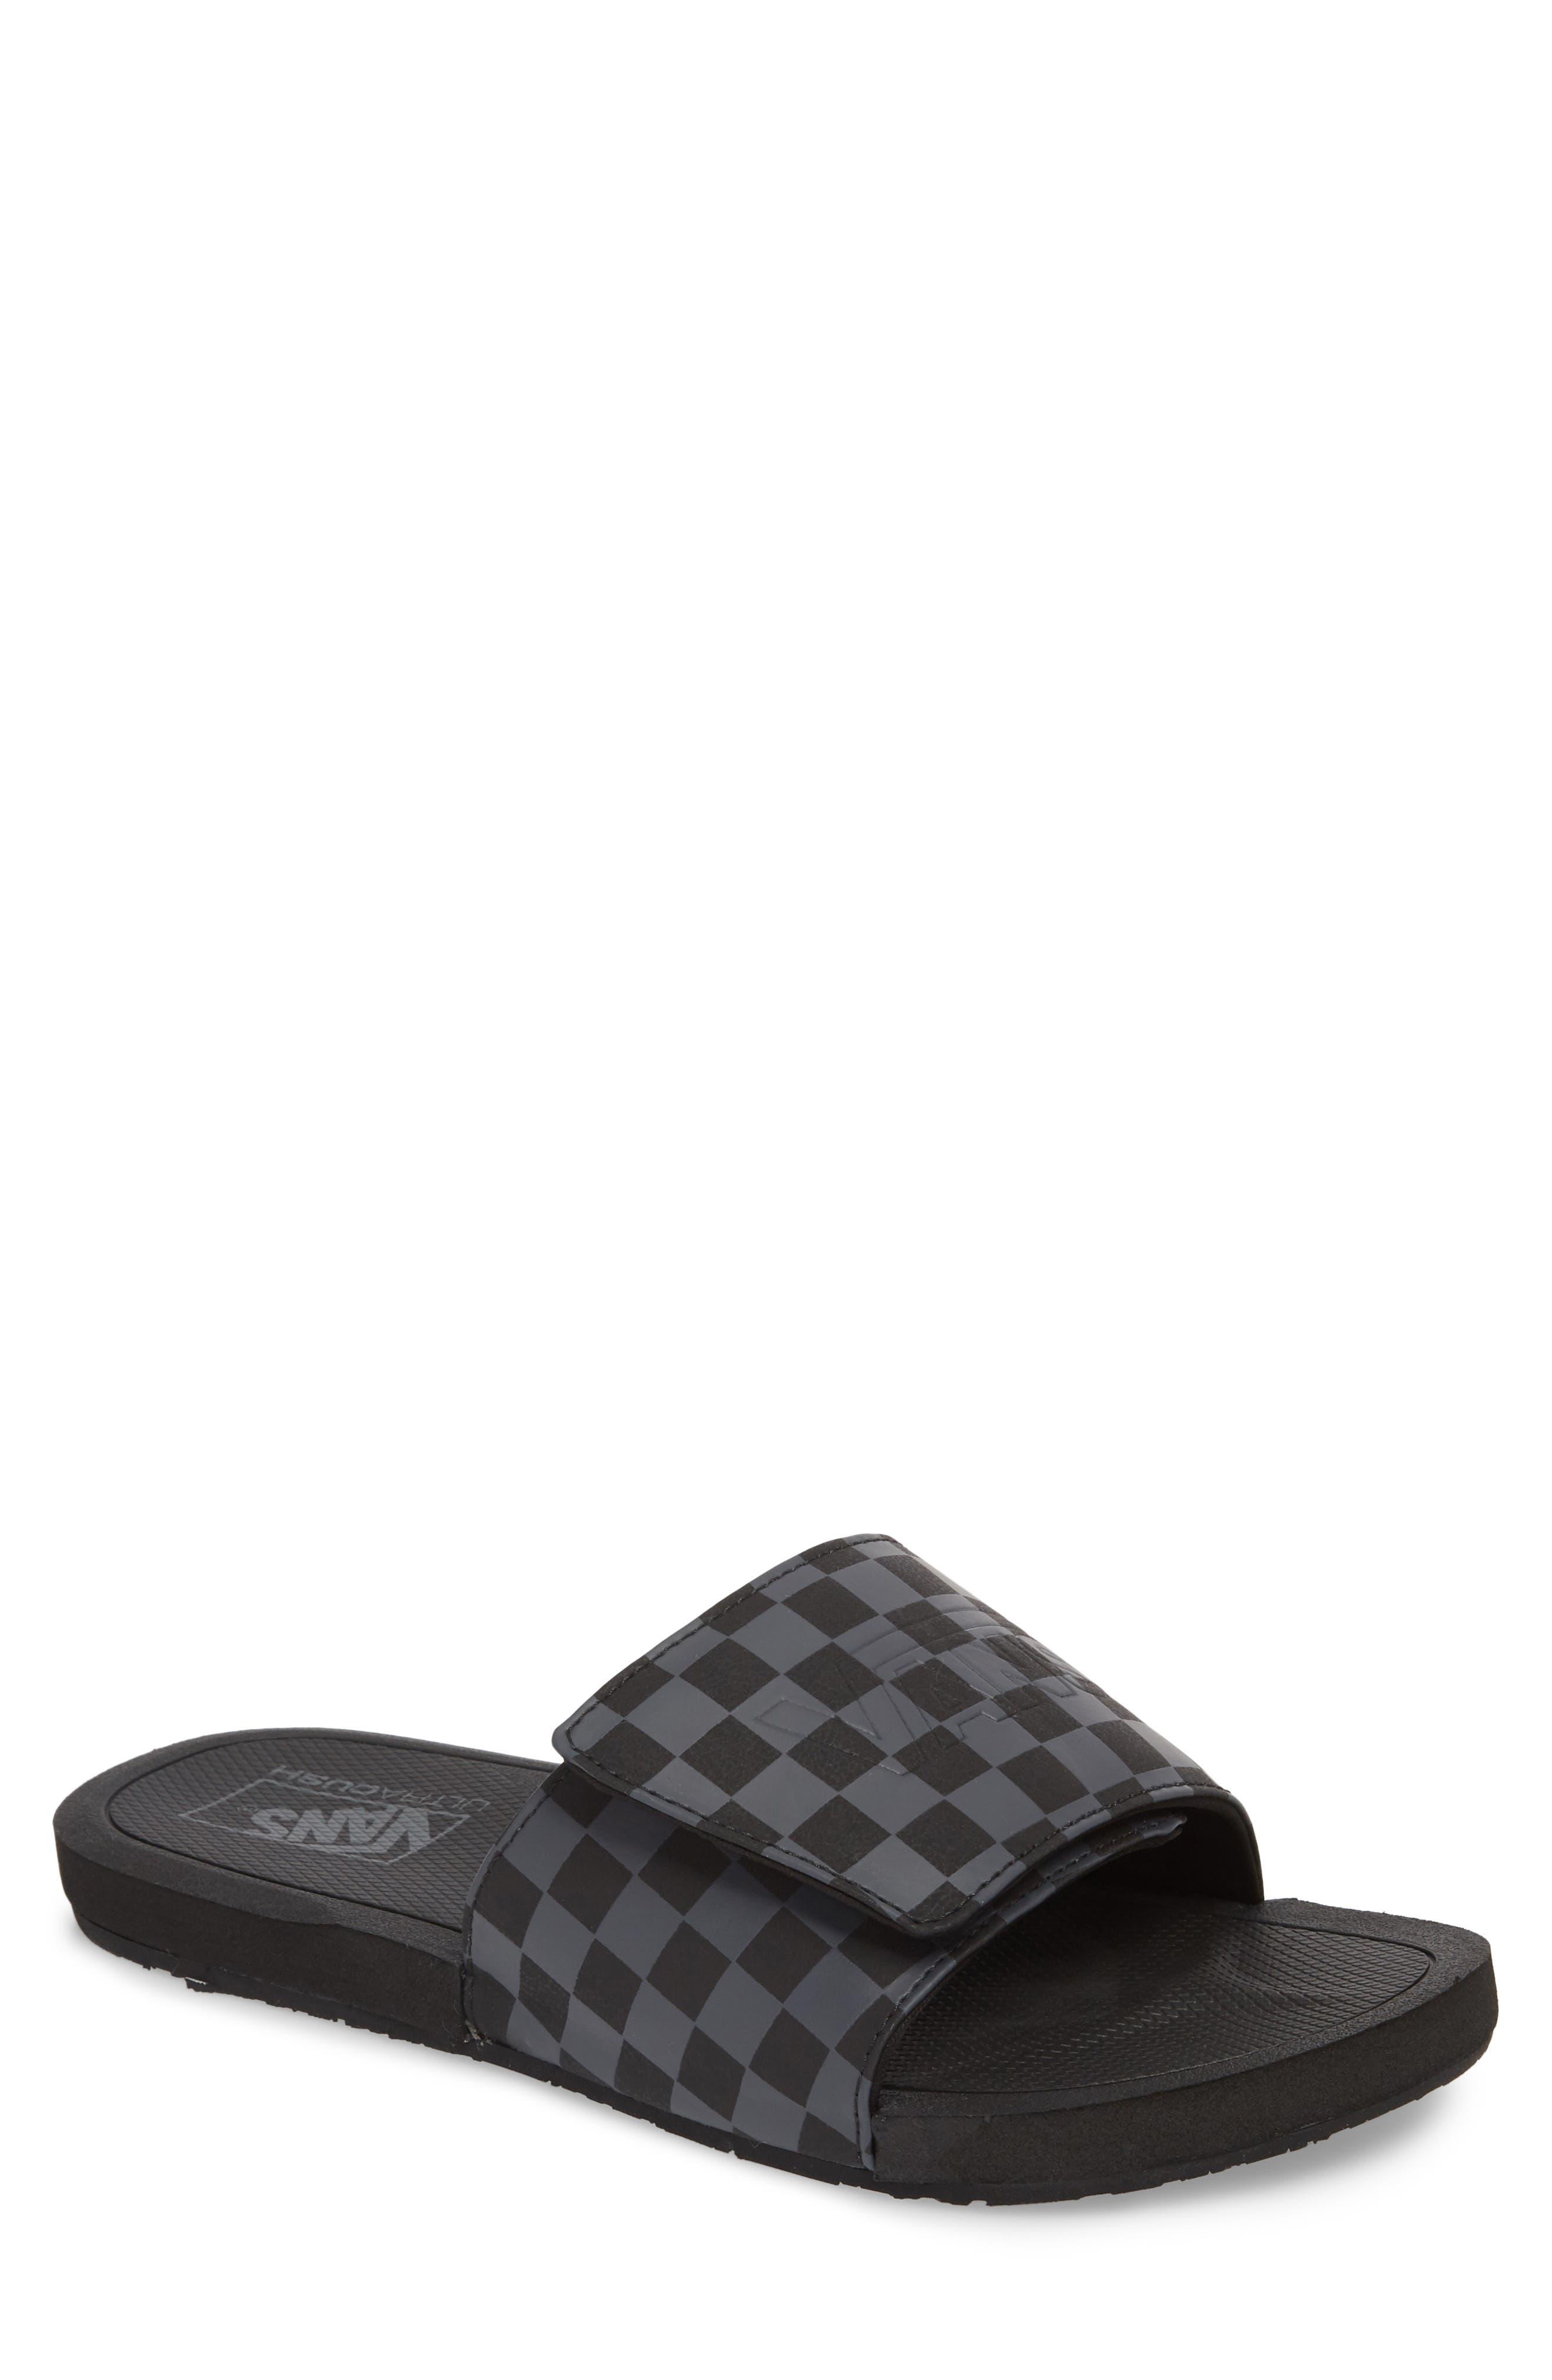 Nexpa Slide Sandal,                             Main thumbnail 1, color,                             Black/ Asphalt